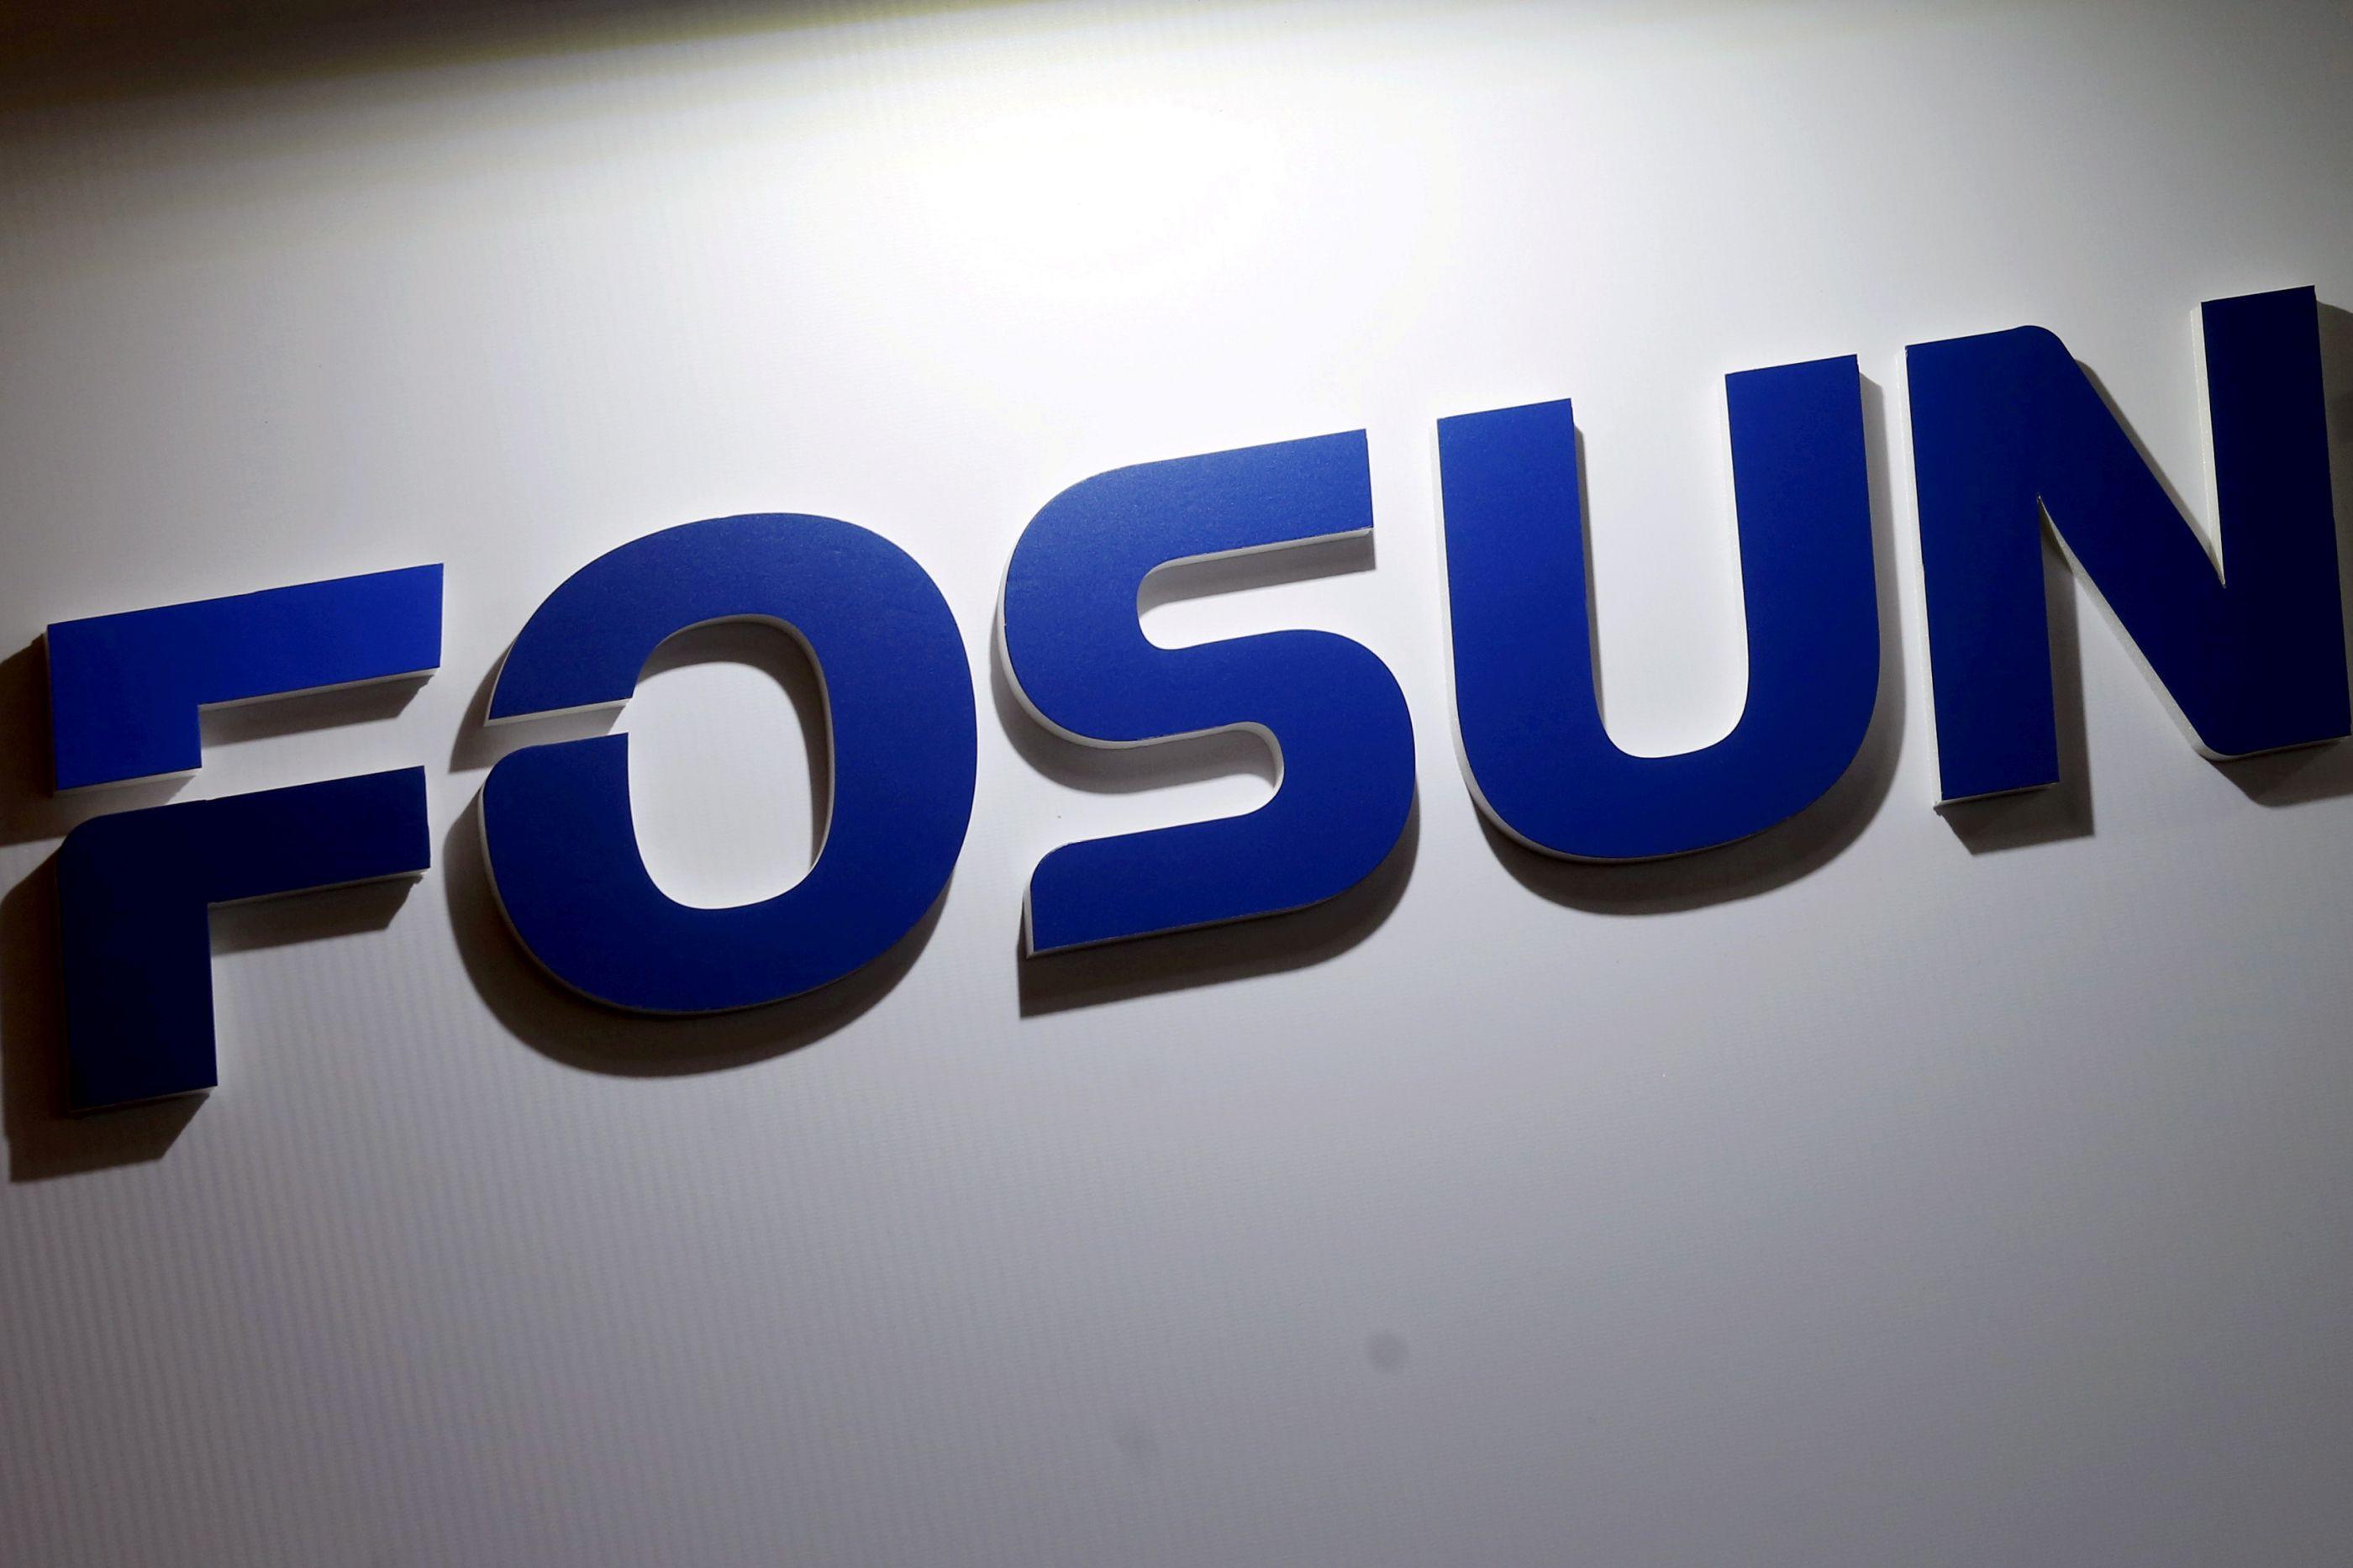 Grupo Fosun obteve em 2018 maiores lucros de sempre